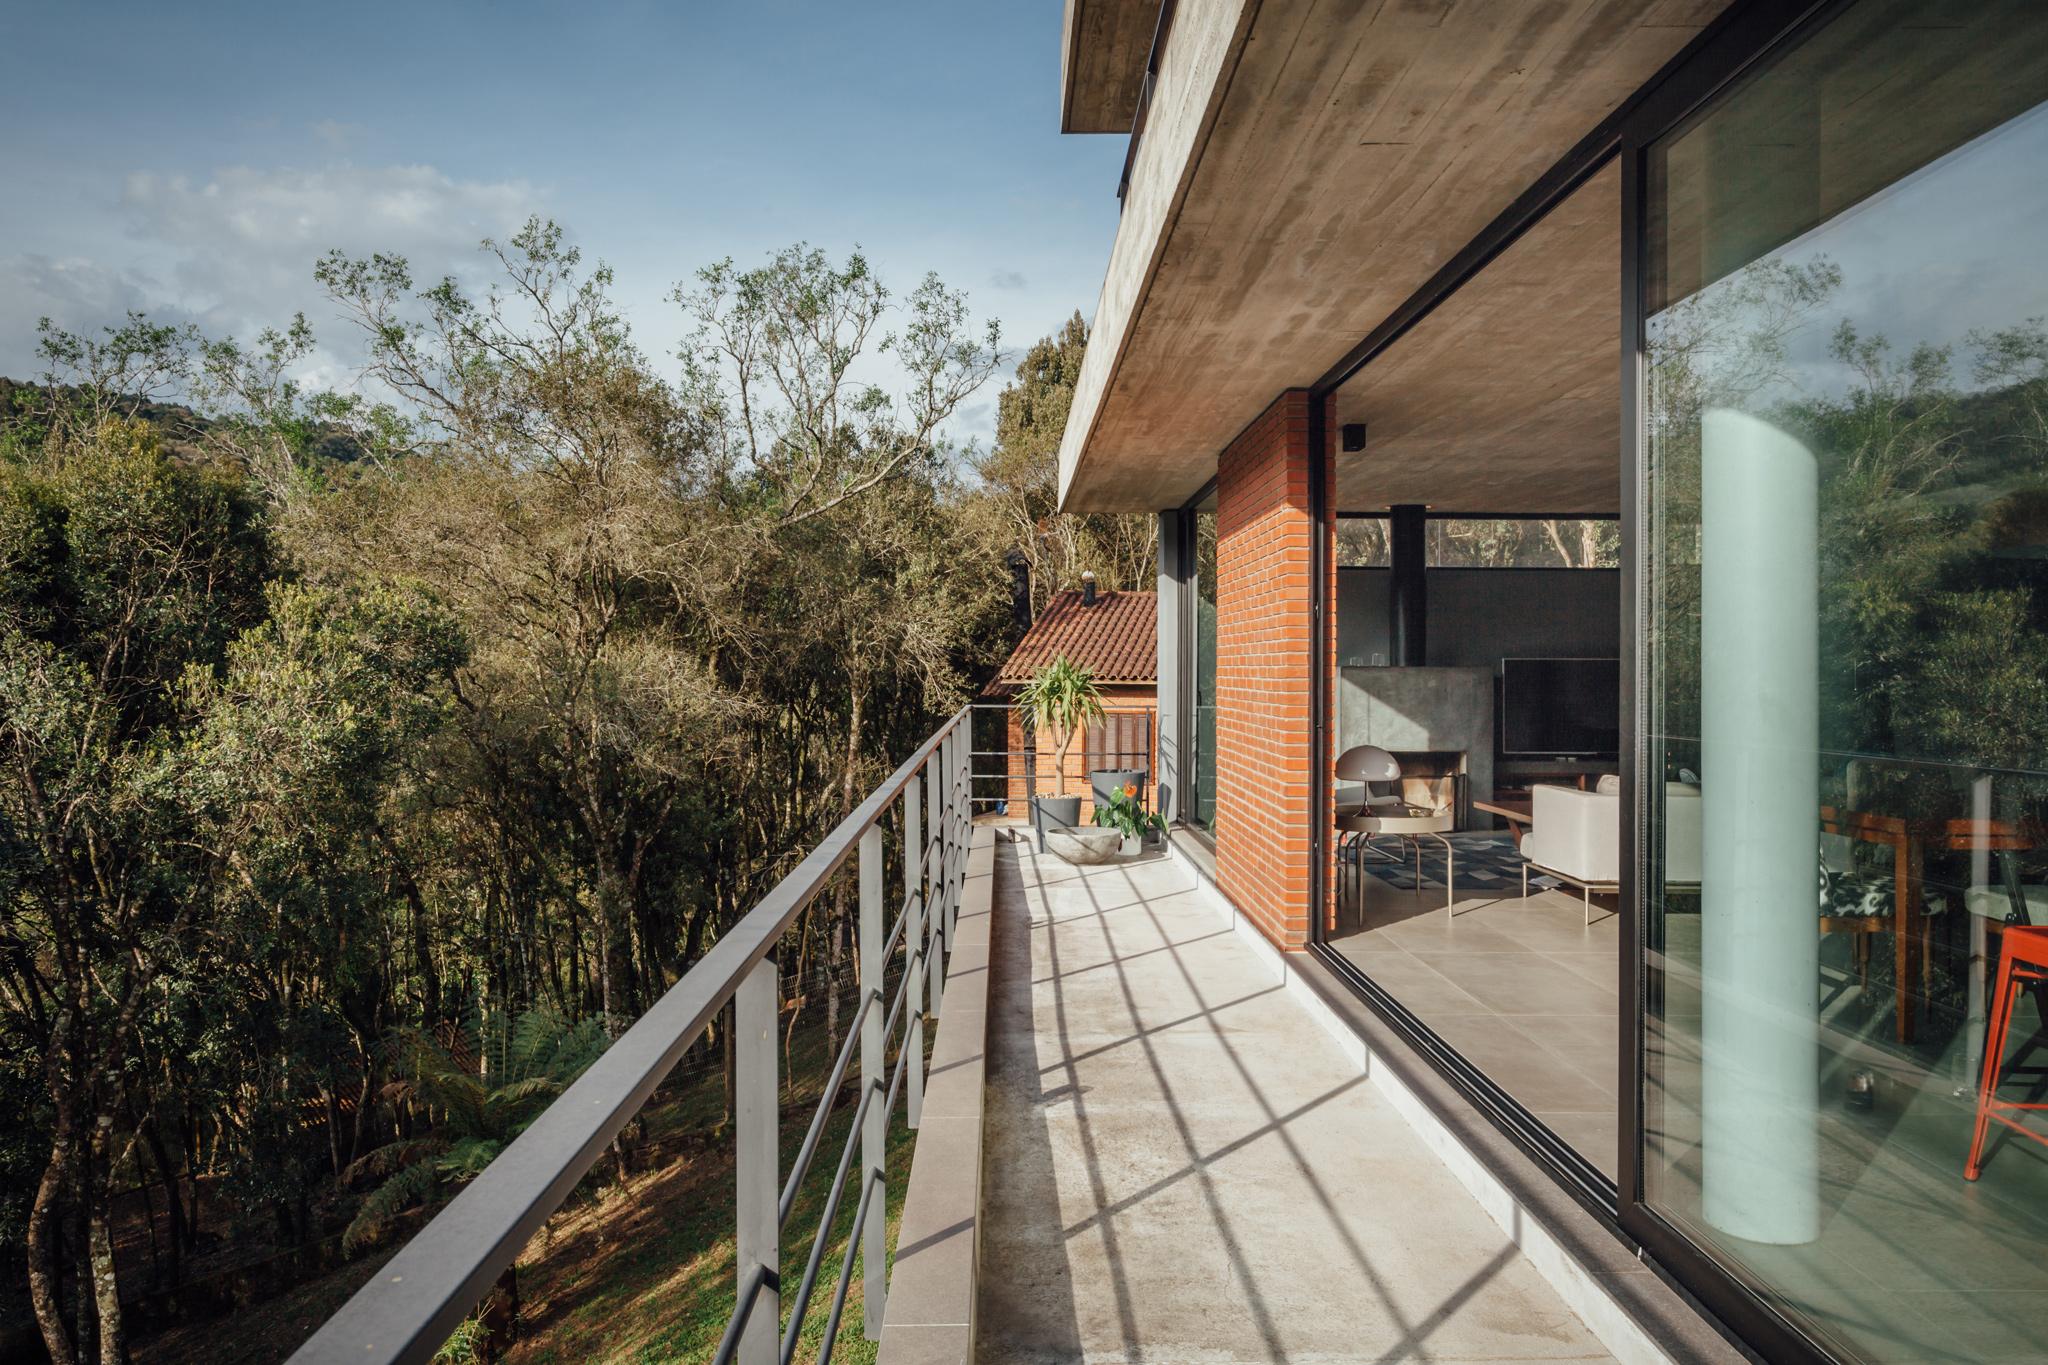 Casa pereira narvaes por sucra arquitetura design - Arquitectura pereira ...